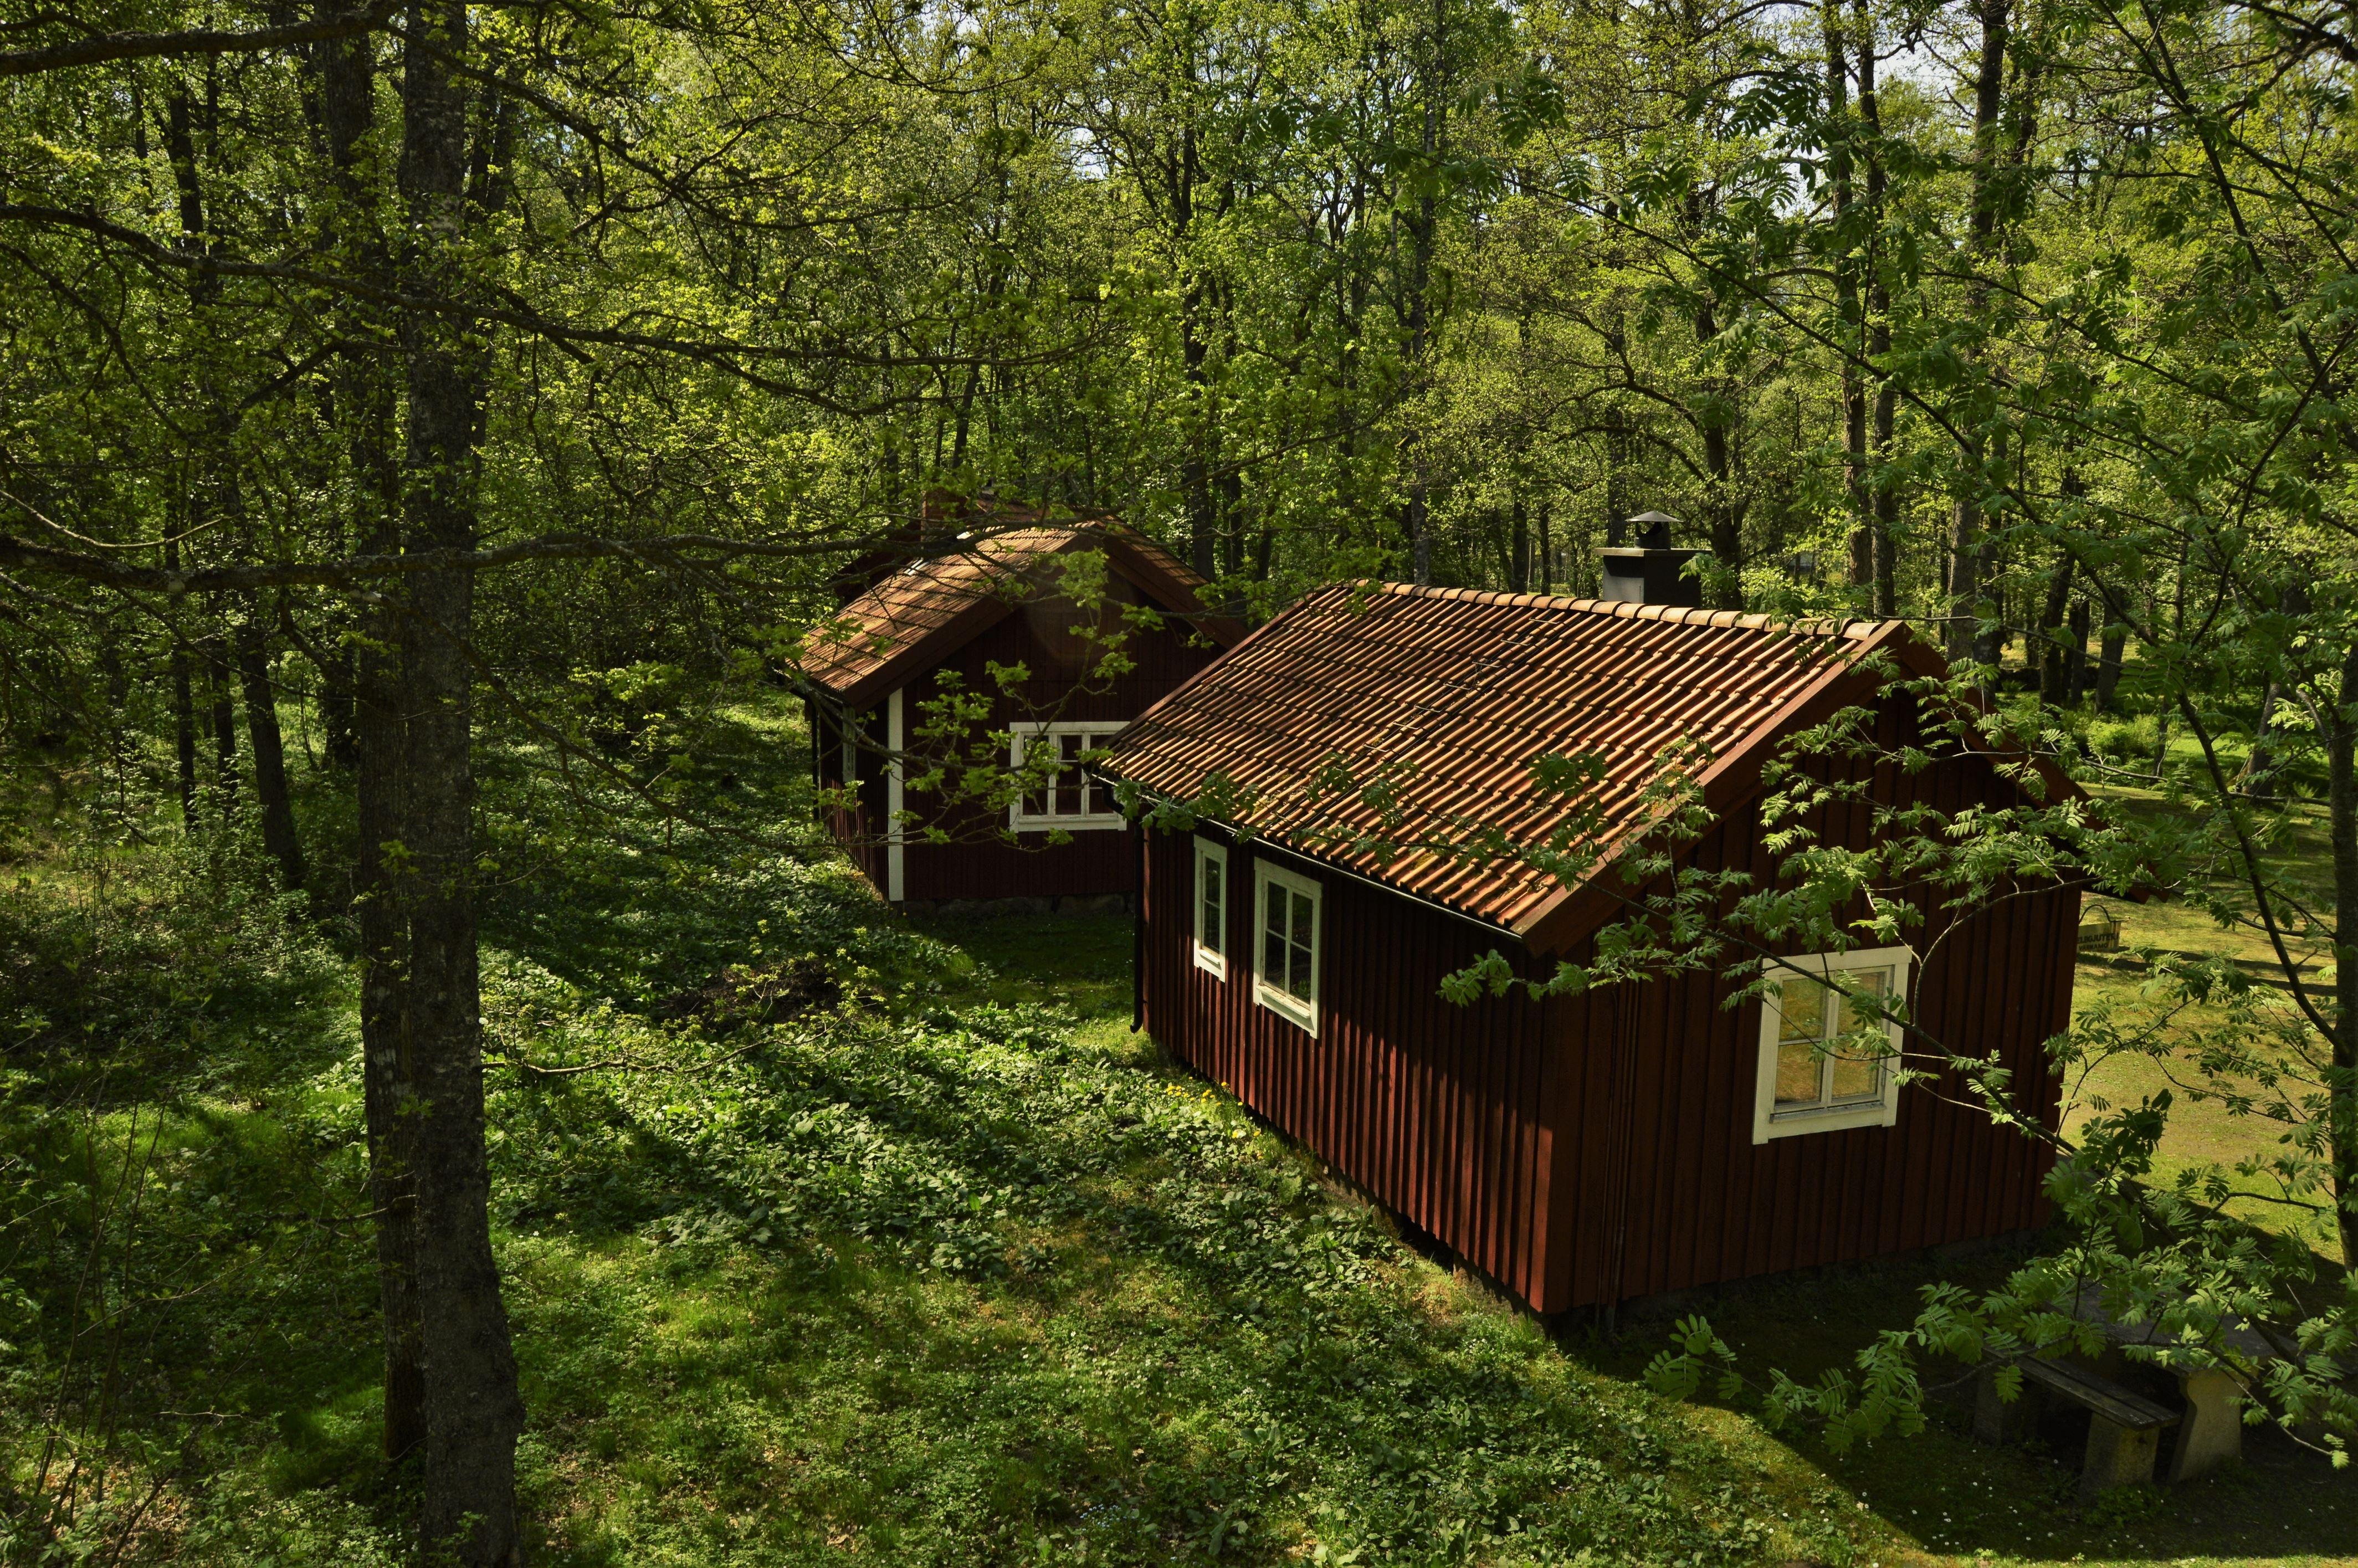 Säsongsöppning av Mistelås Prästgård i Apladalen